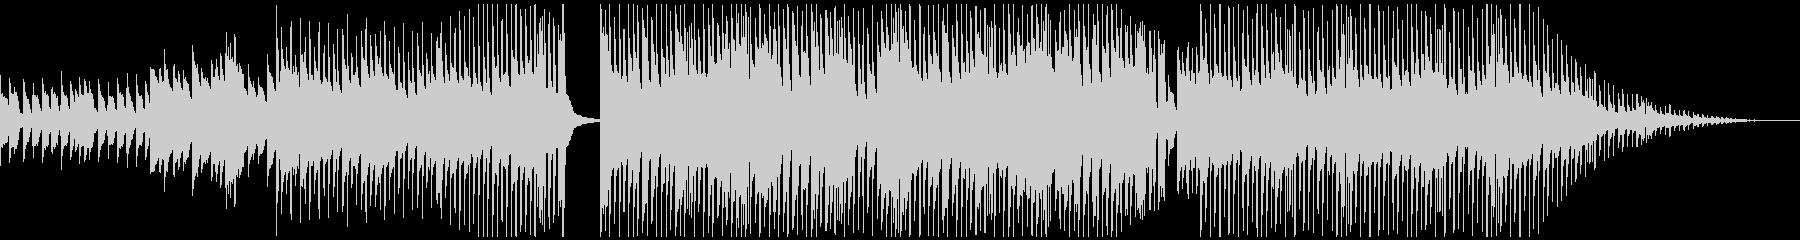 ラテンピアノ & トラップの未再生の波形